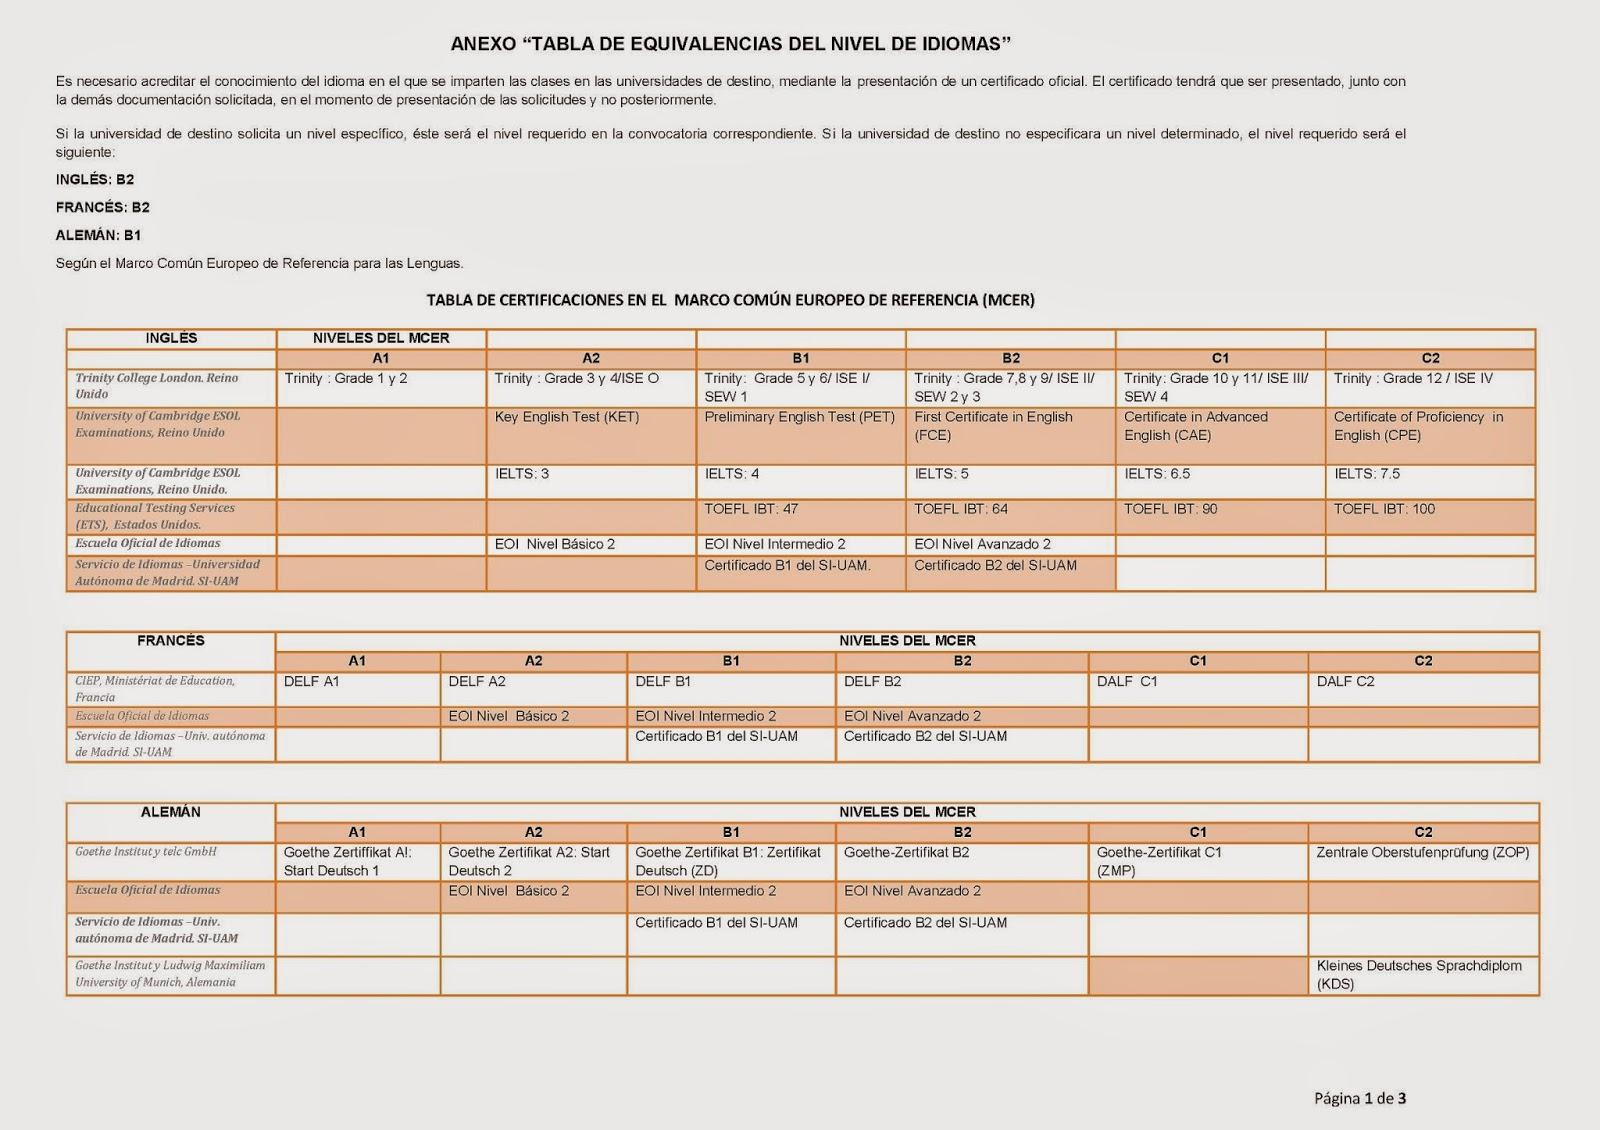 Mírate el ombligo: junio 2014